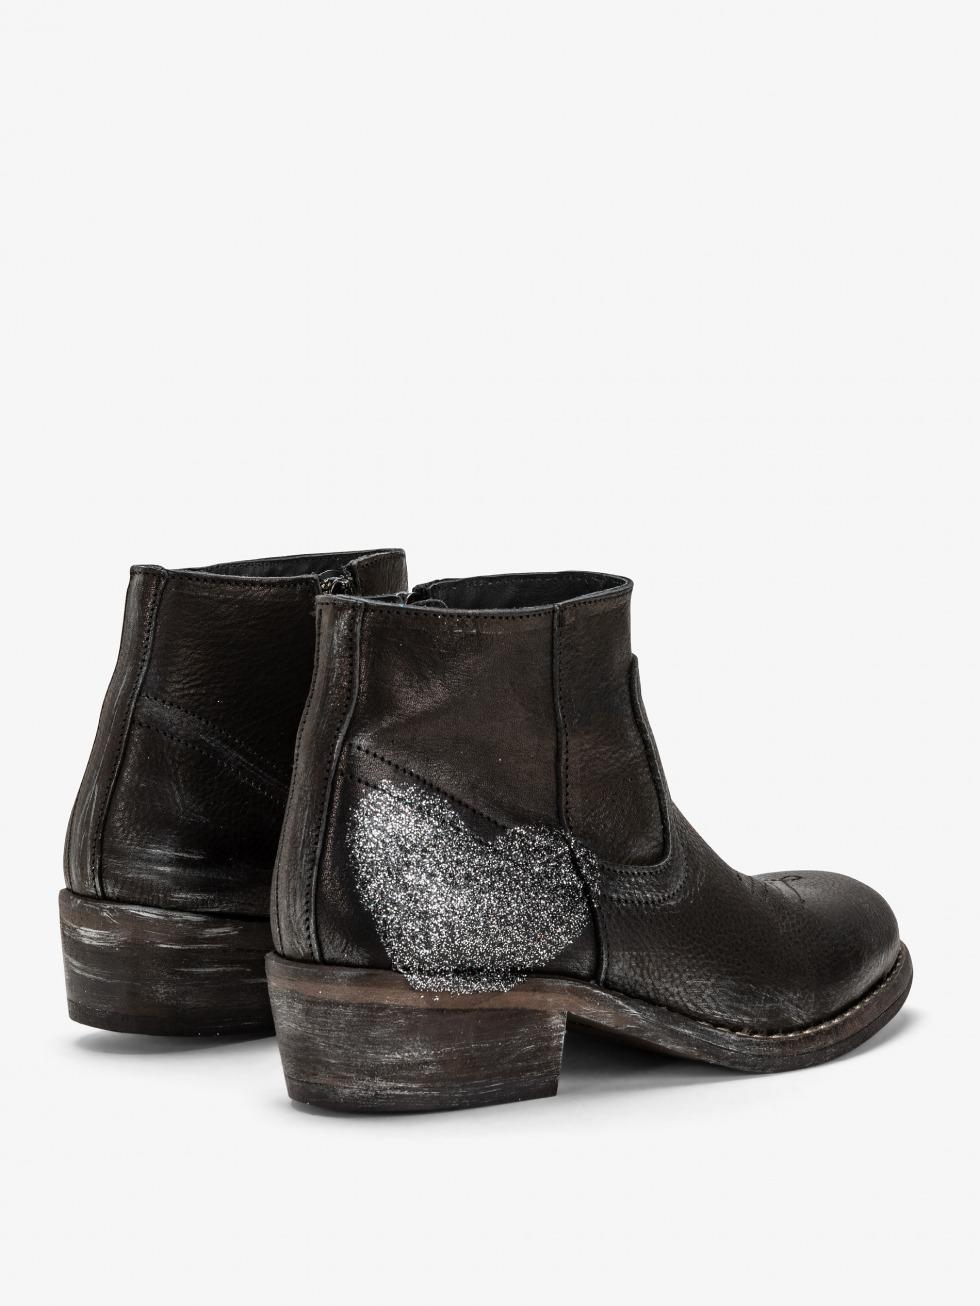 Mojito Boots Sparkle Raven - Heart